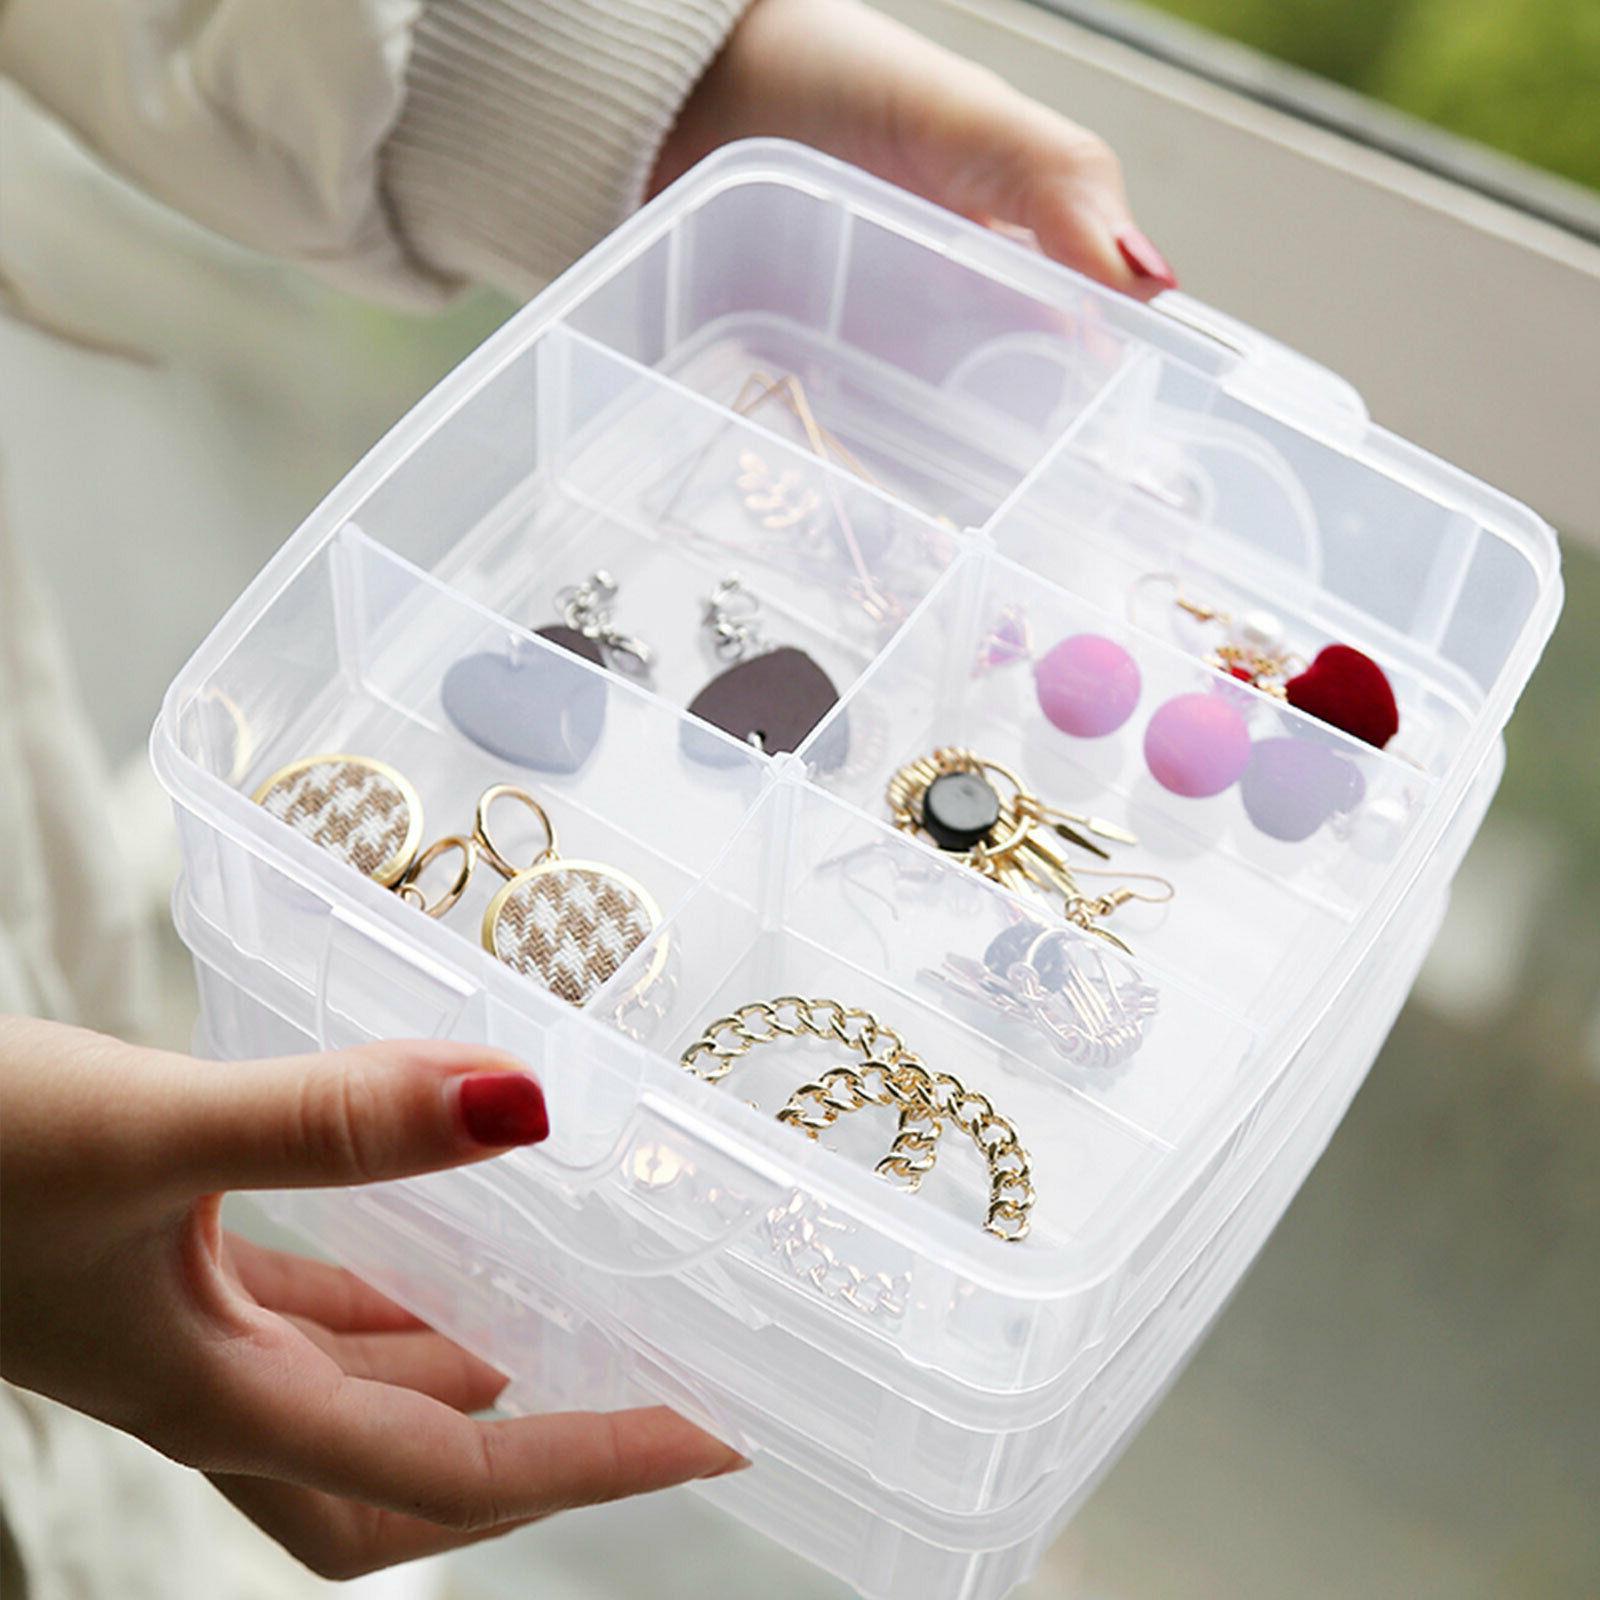 Blue Beads Storage Crafts Organizer Container